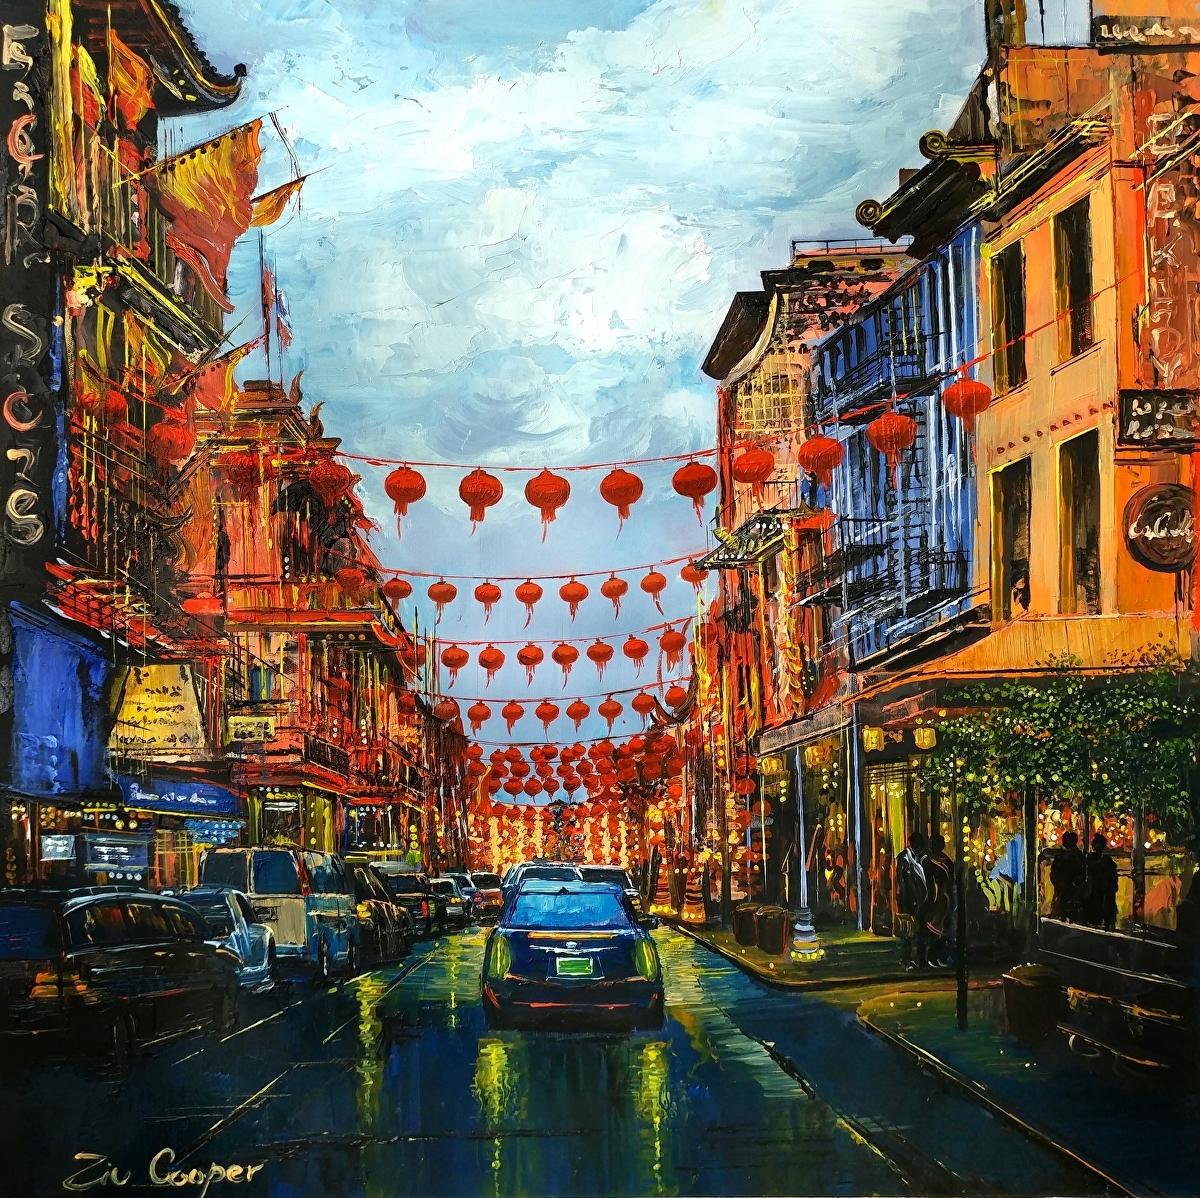 Ziv Cooper - Chinatown